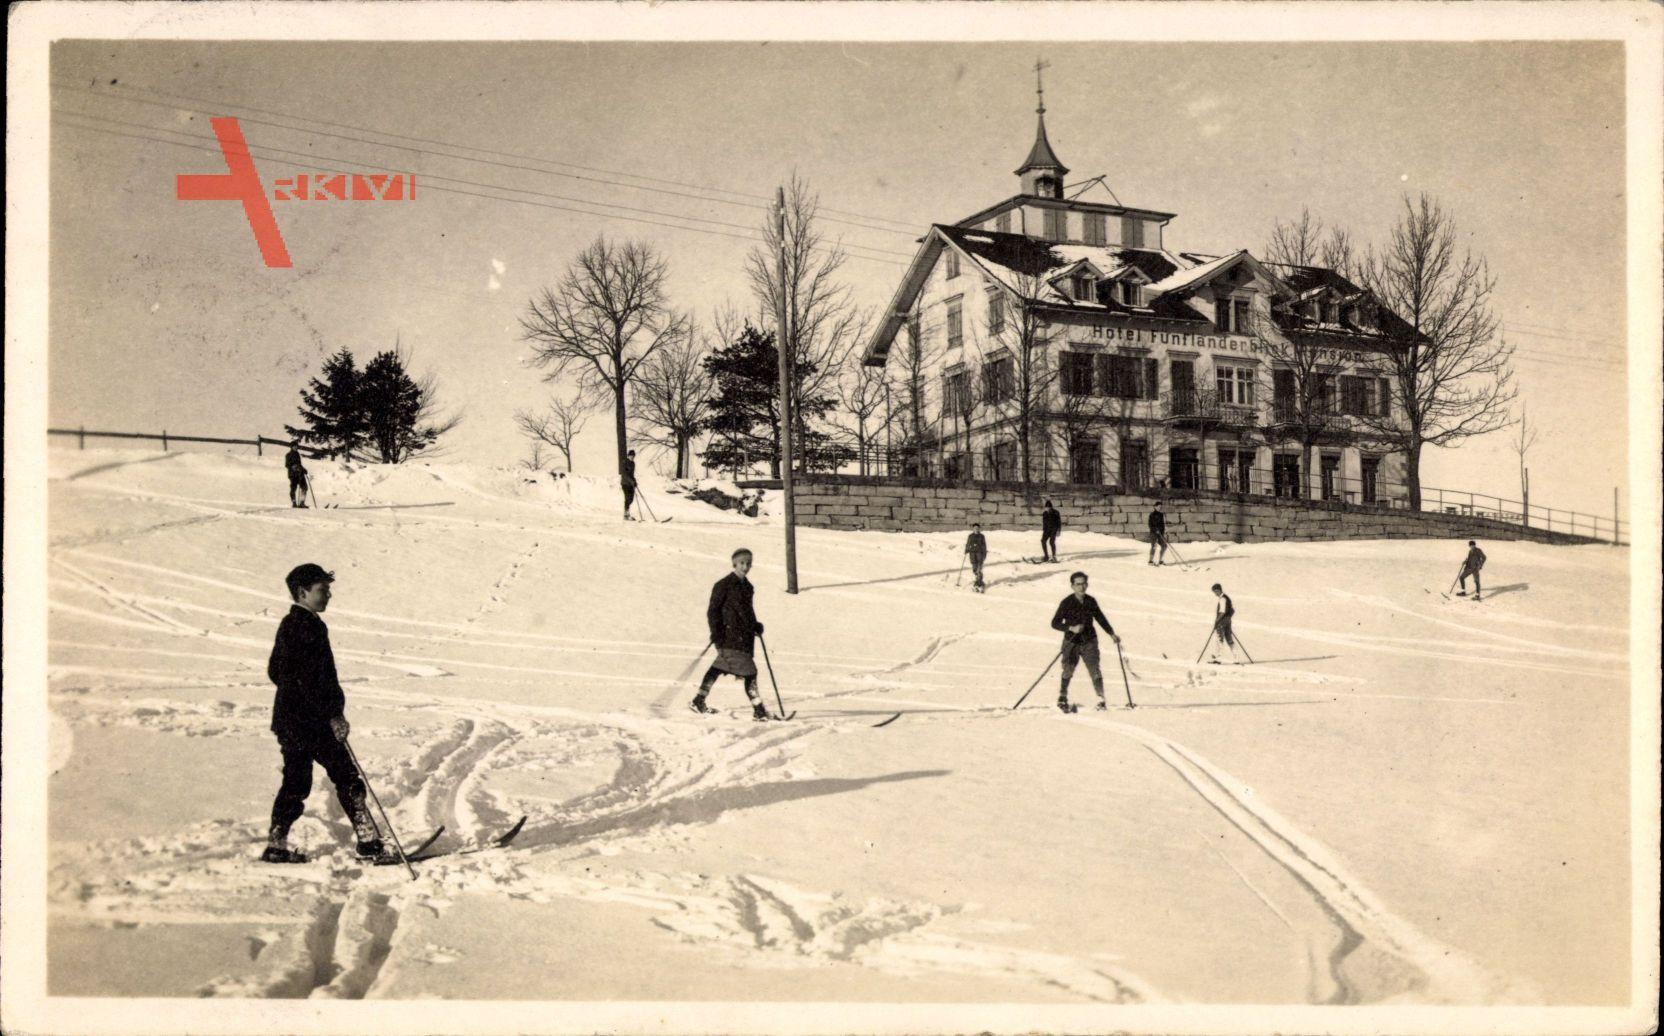 Heiden Kt. Appenzell Außerrhoden Schweiz, Hotel und Pension, Skifahrer